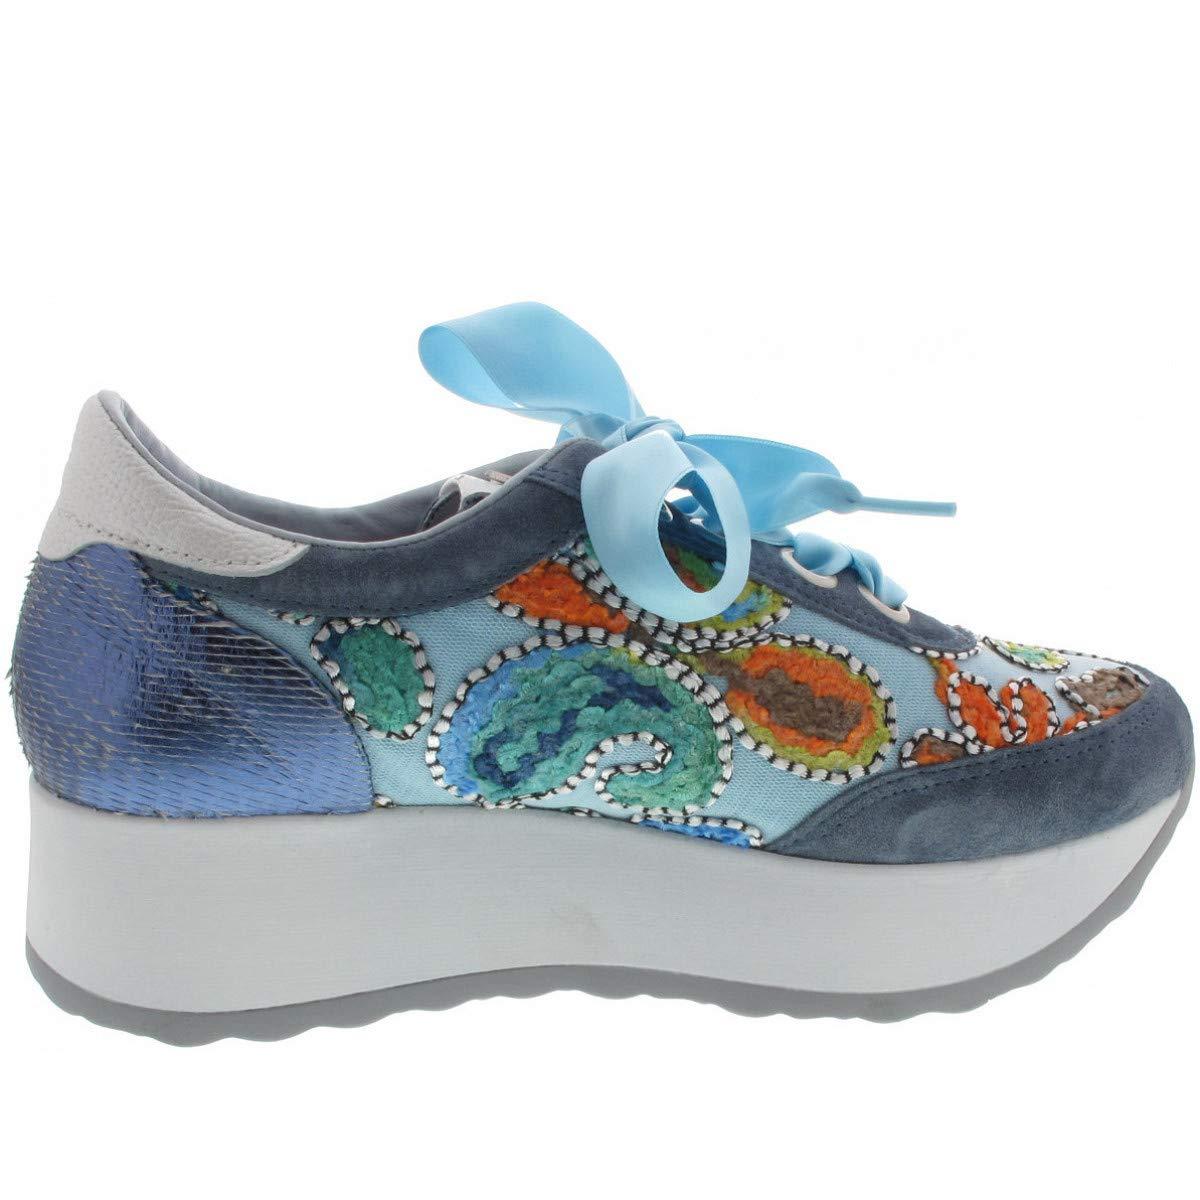 Cetti Sneaker, Farbe: Farbe: Sneaker, Nanday Sky - 441cea